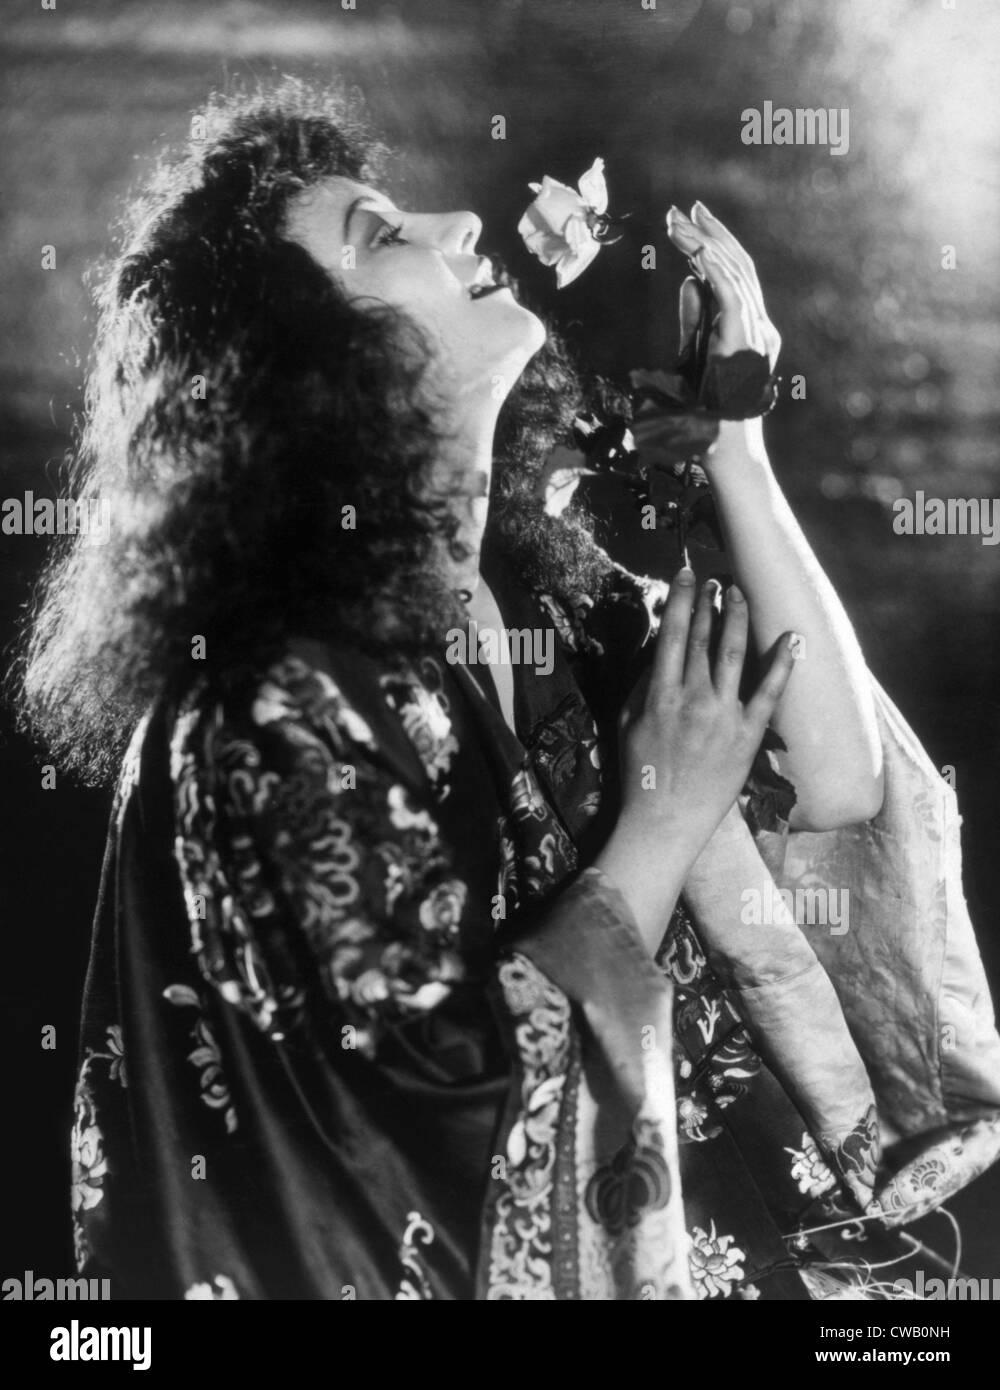 Una signora della morale, Grazia Moore, 1930 Immagini Stock